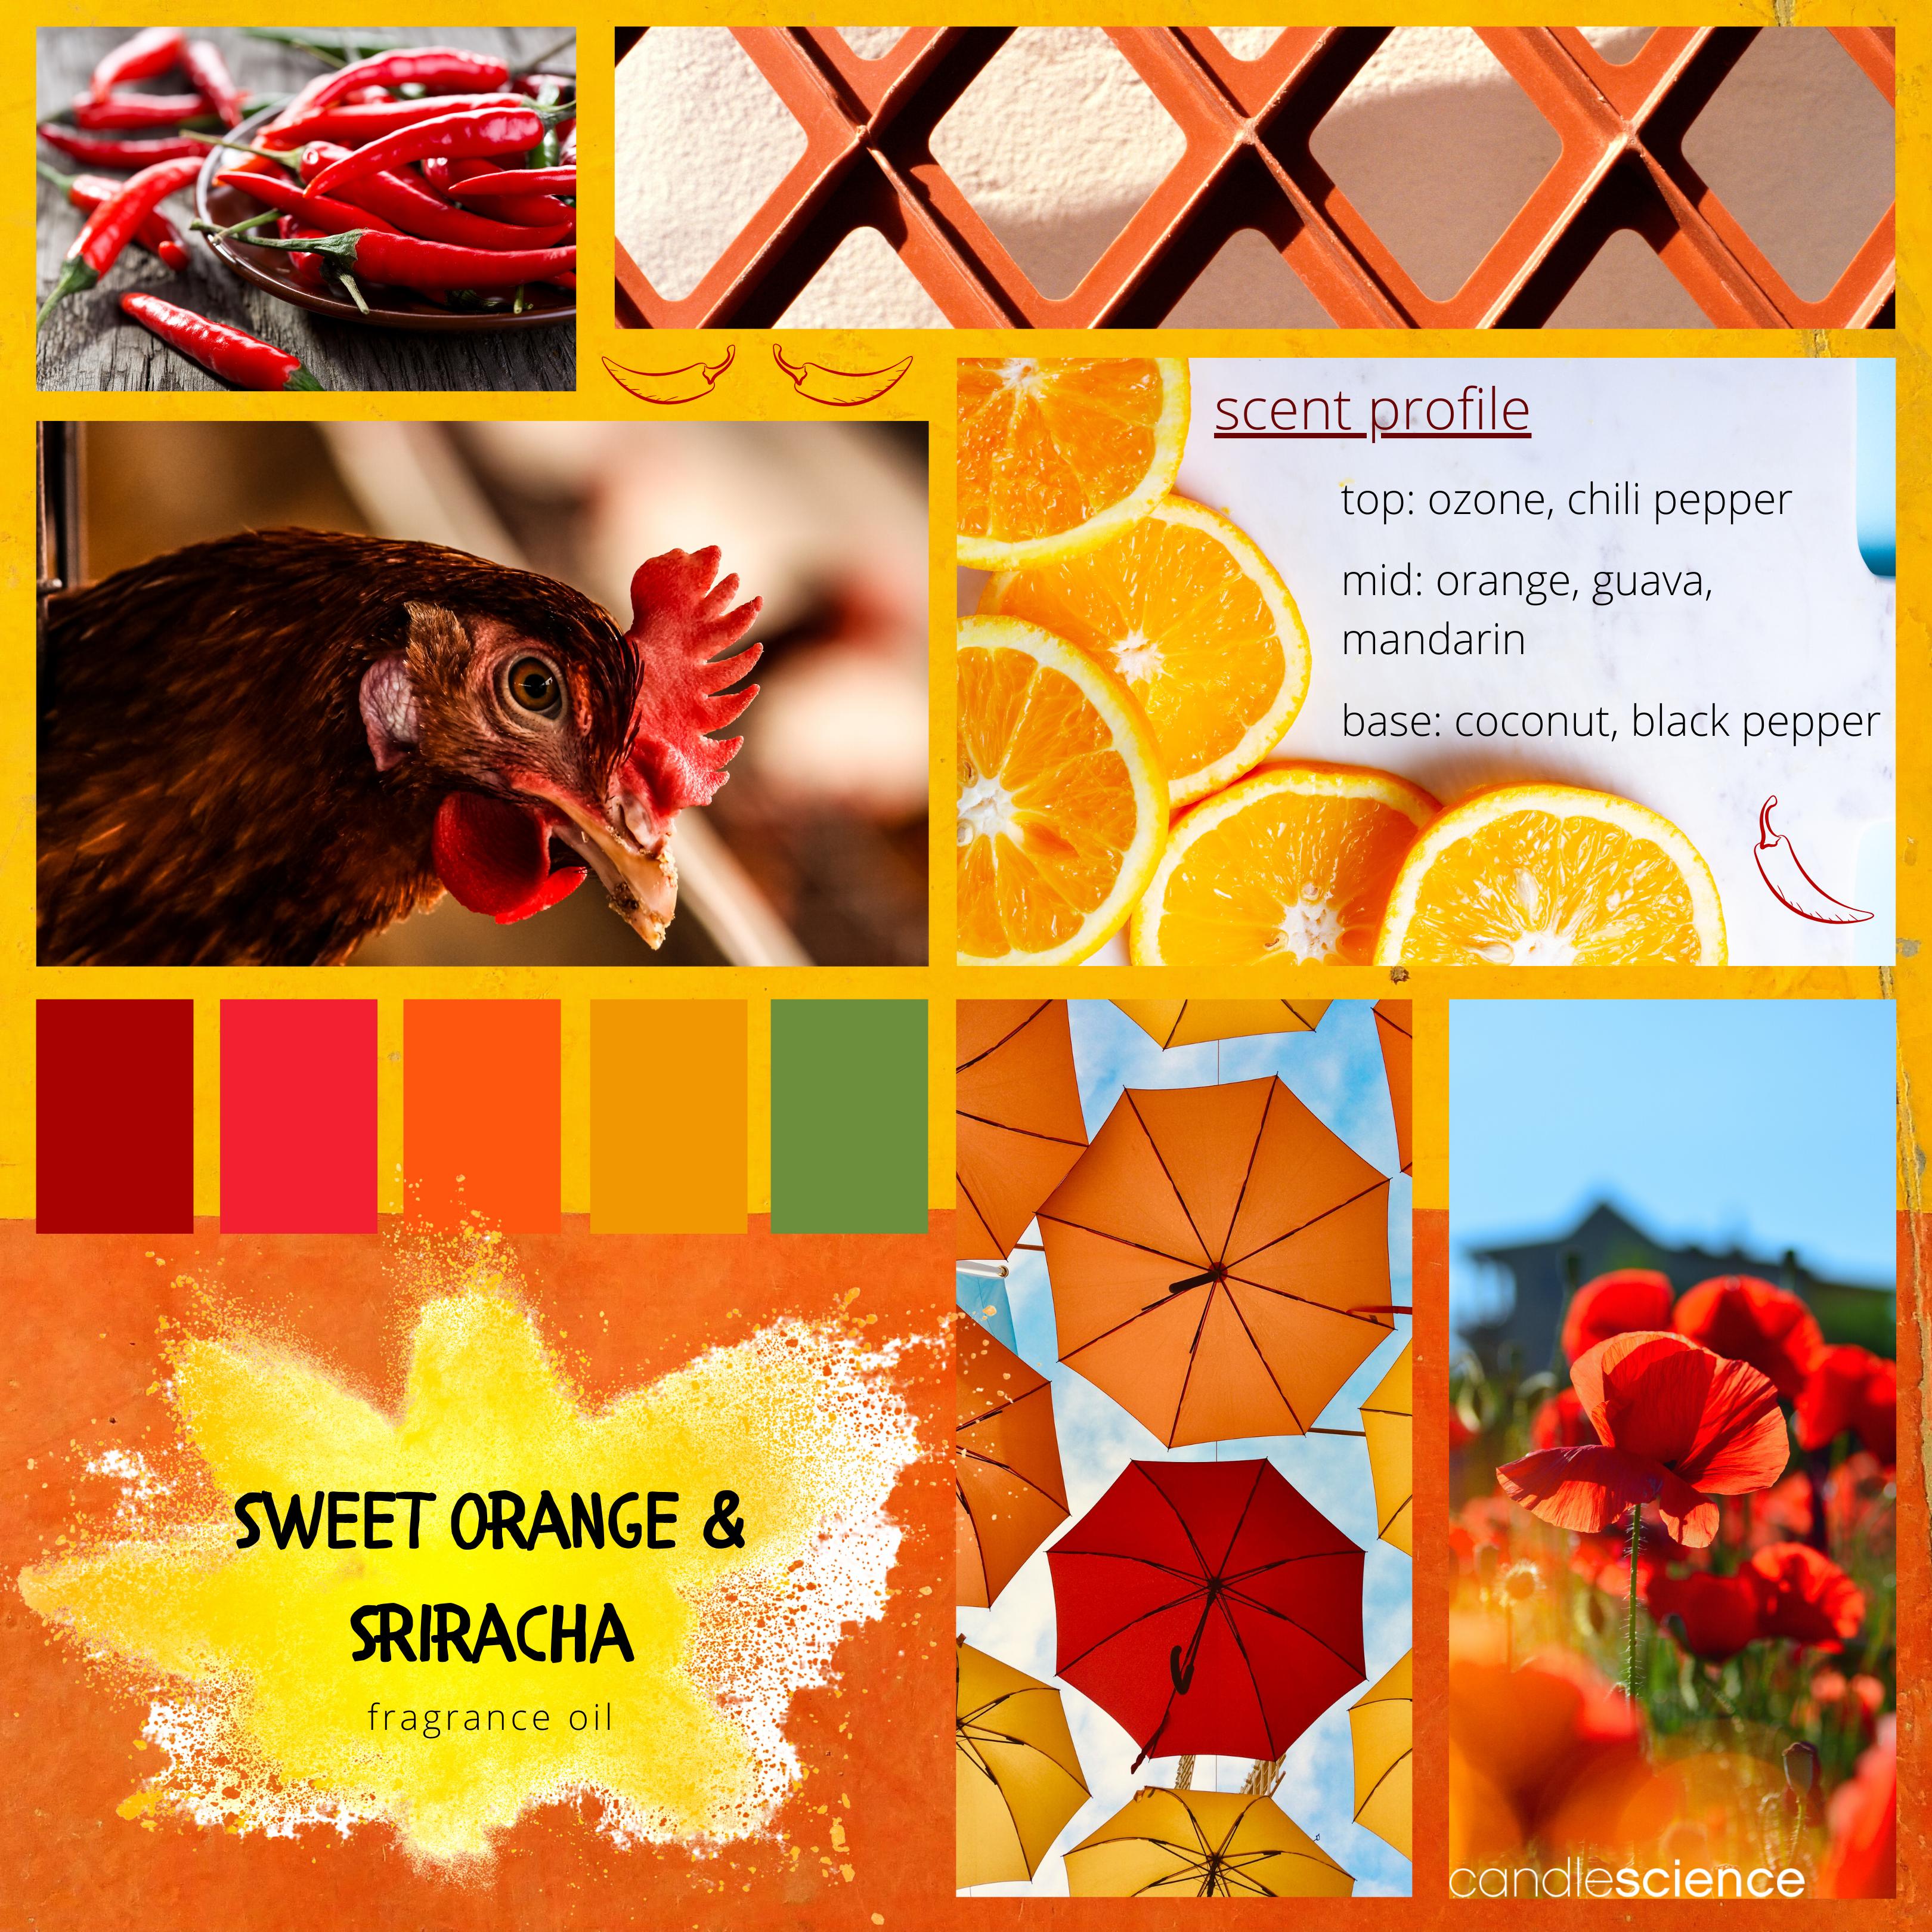 Sweet Orange and Sriracha fragrance oil mood board